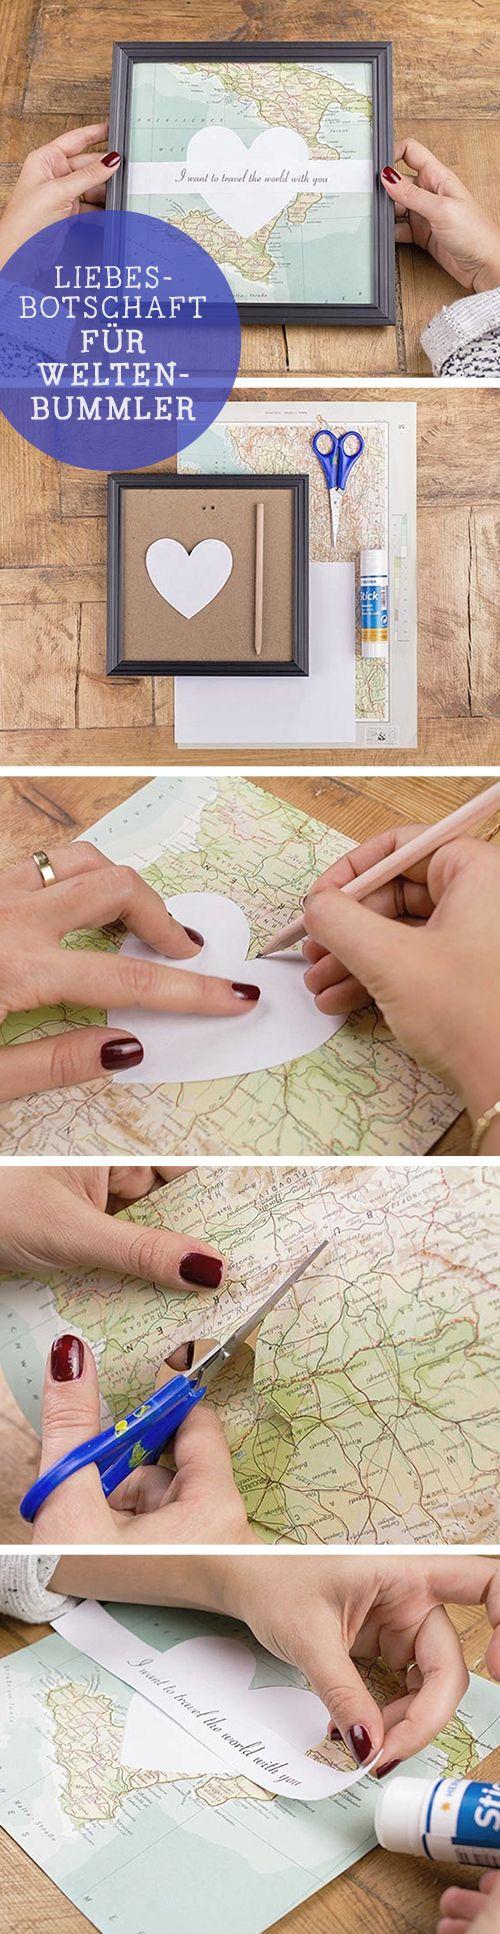 Geburtstagsgeschenk: Liebesbotschaft für Weltenbummler, Landkarte ∕ gift idea…